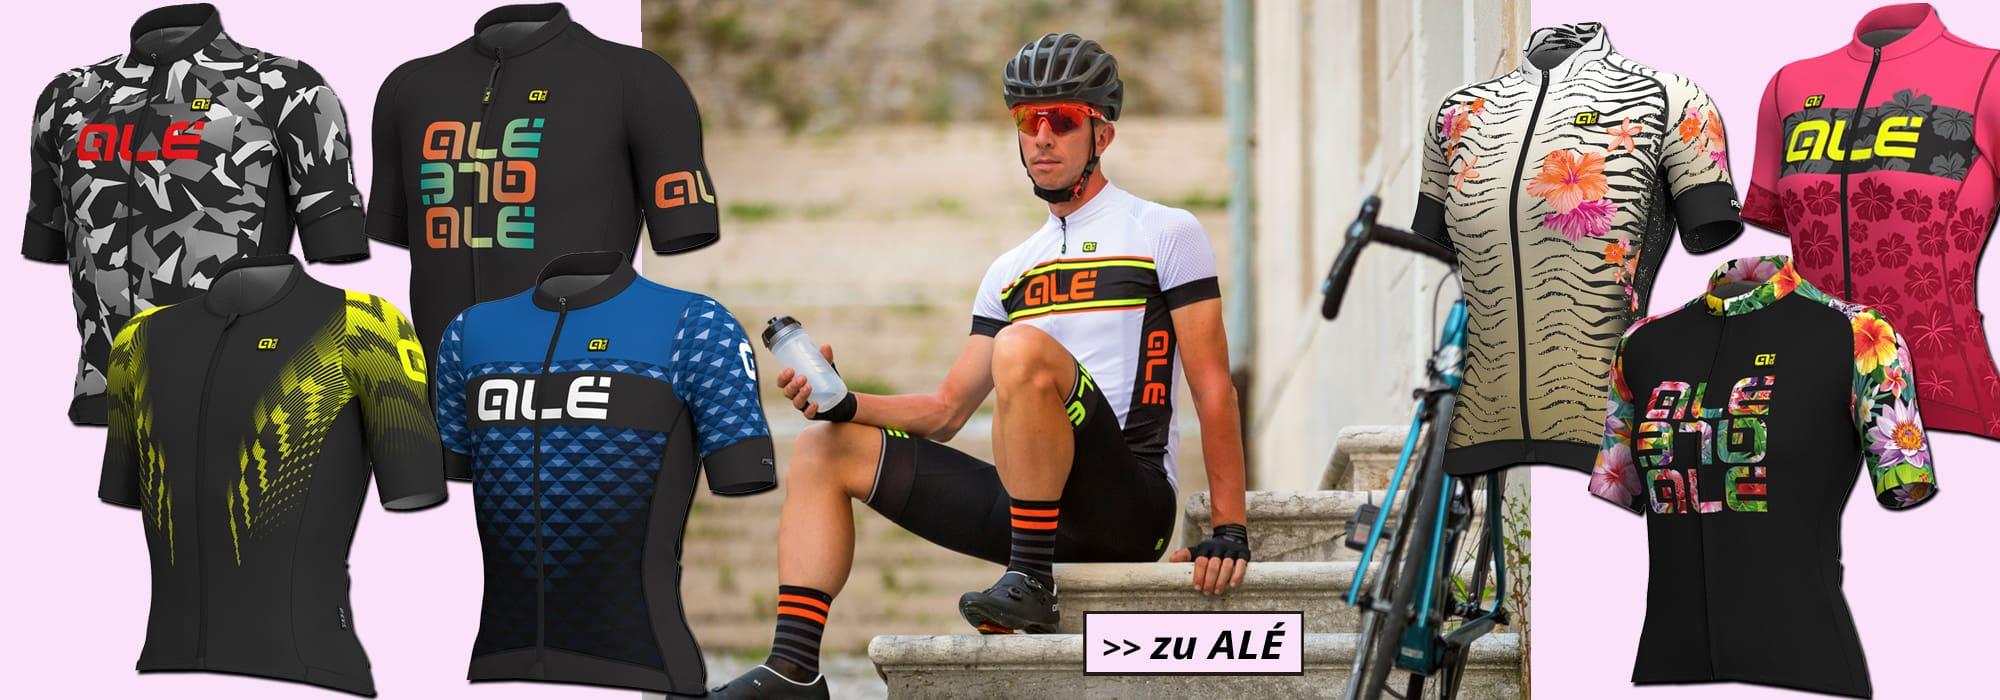 Ale 2019 - diese Radsportbekleidung vermittelt Vitalität und Lebensfreude